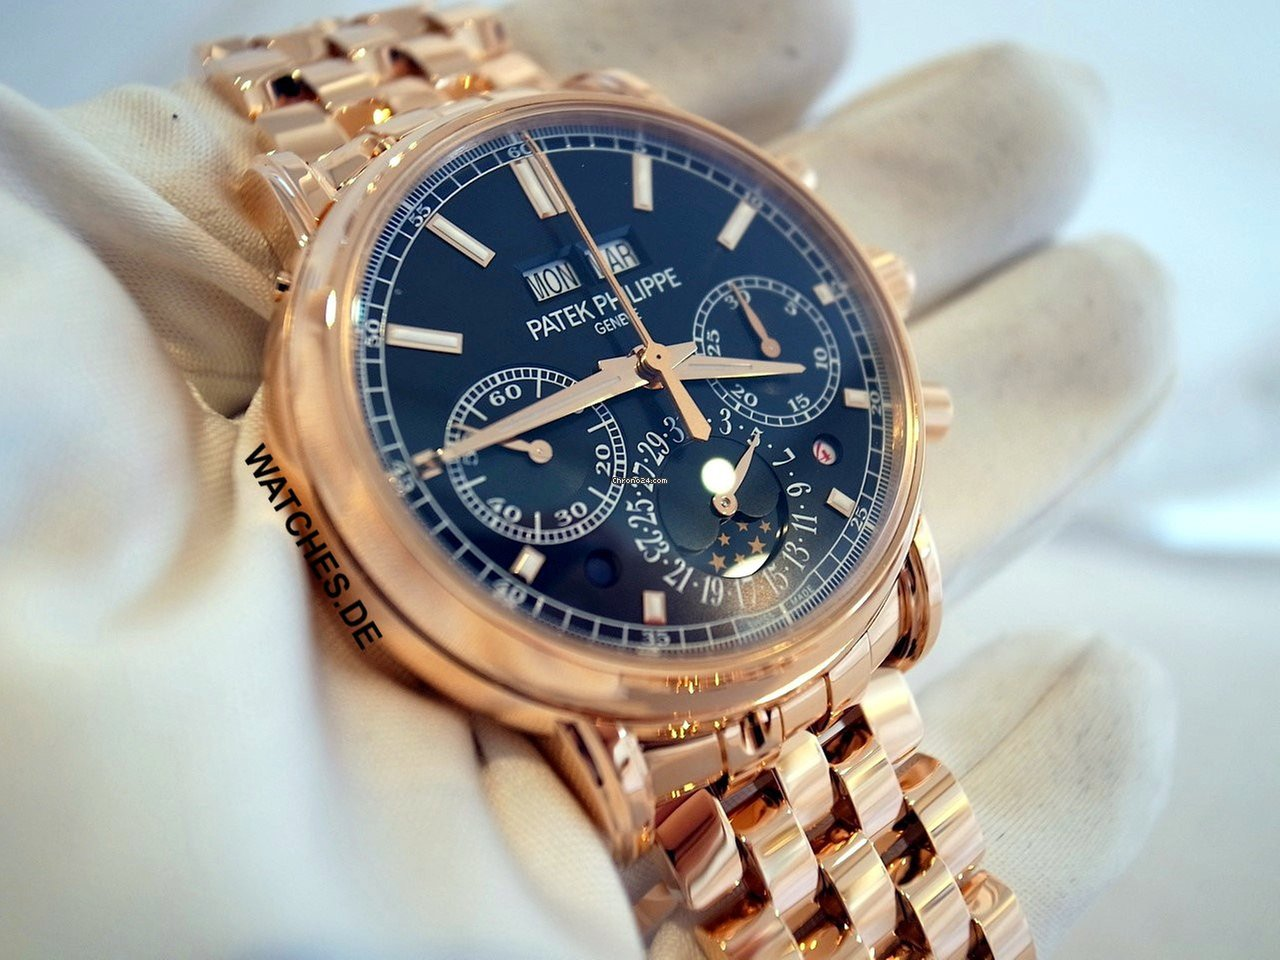 307c695a7a4 Relógios com calendário perpétuo - 3.708 ofertas na Chrono24